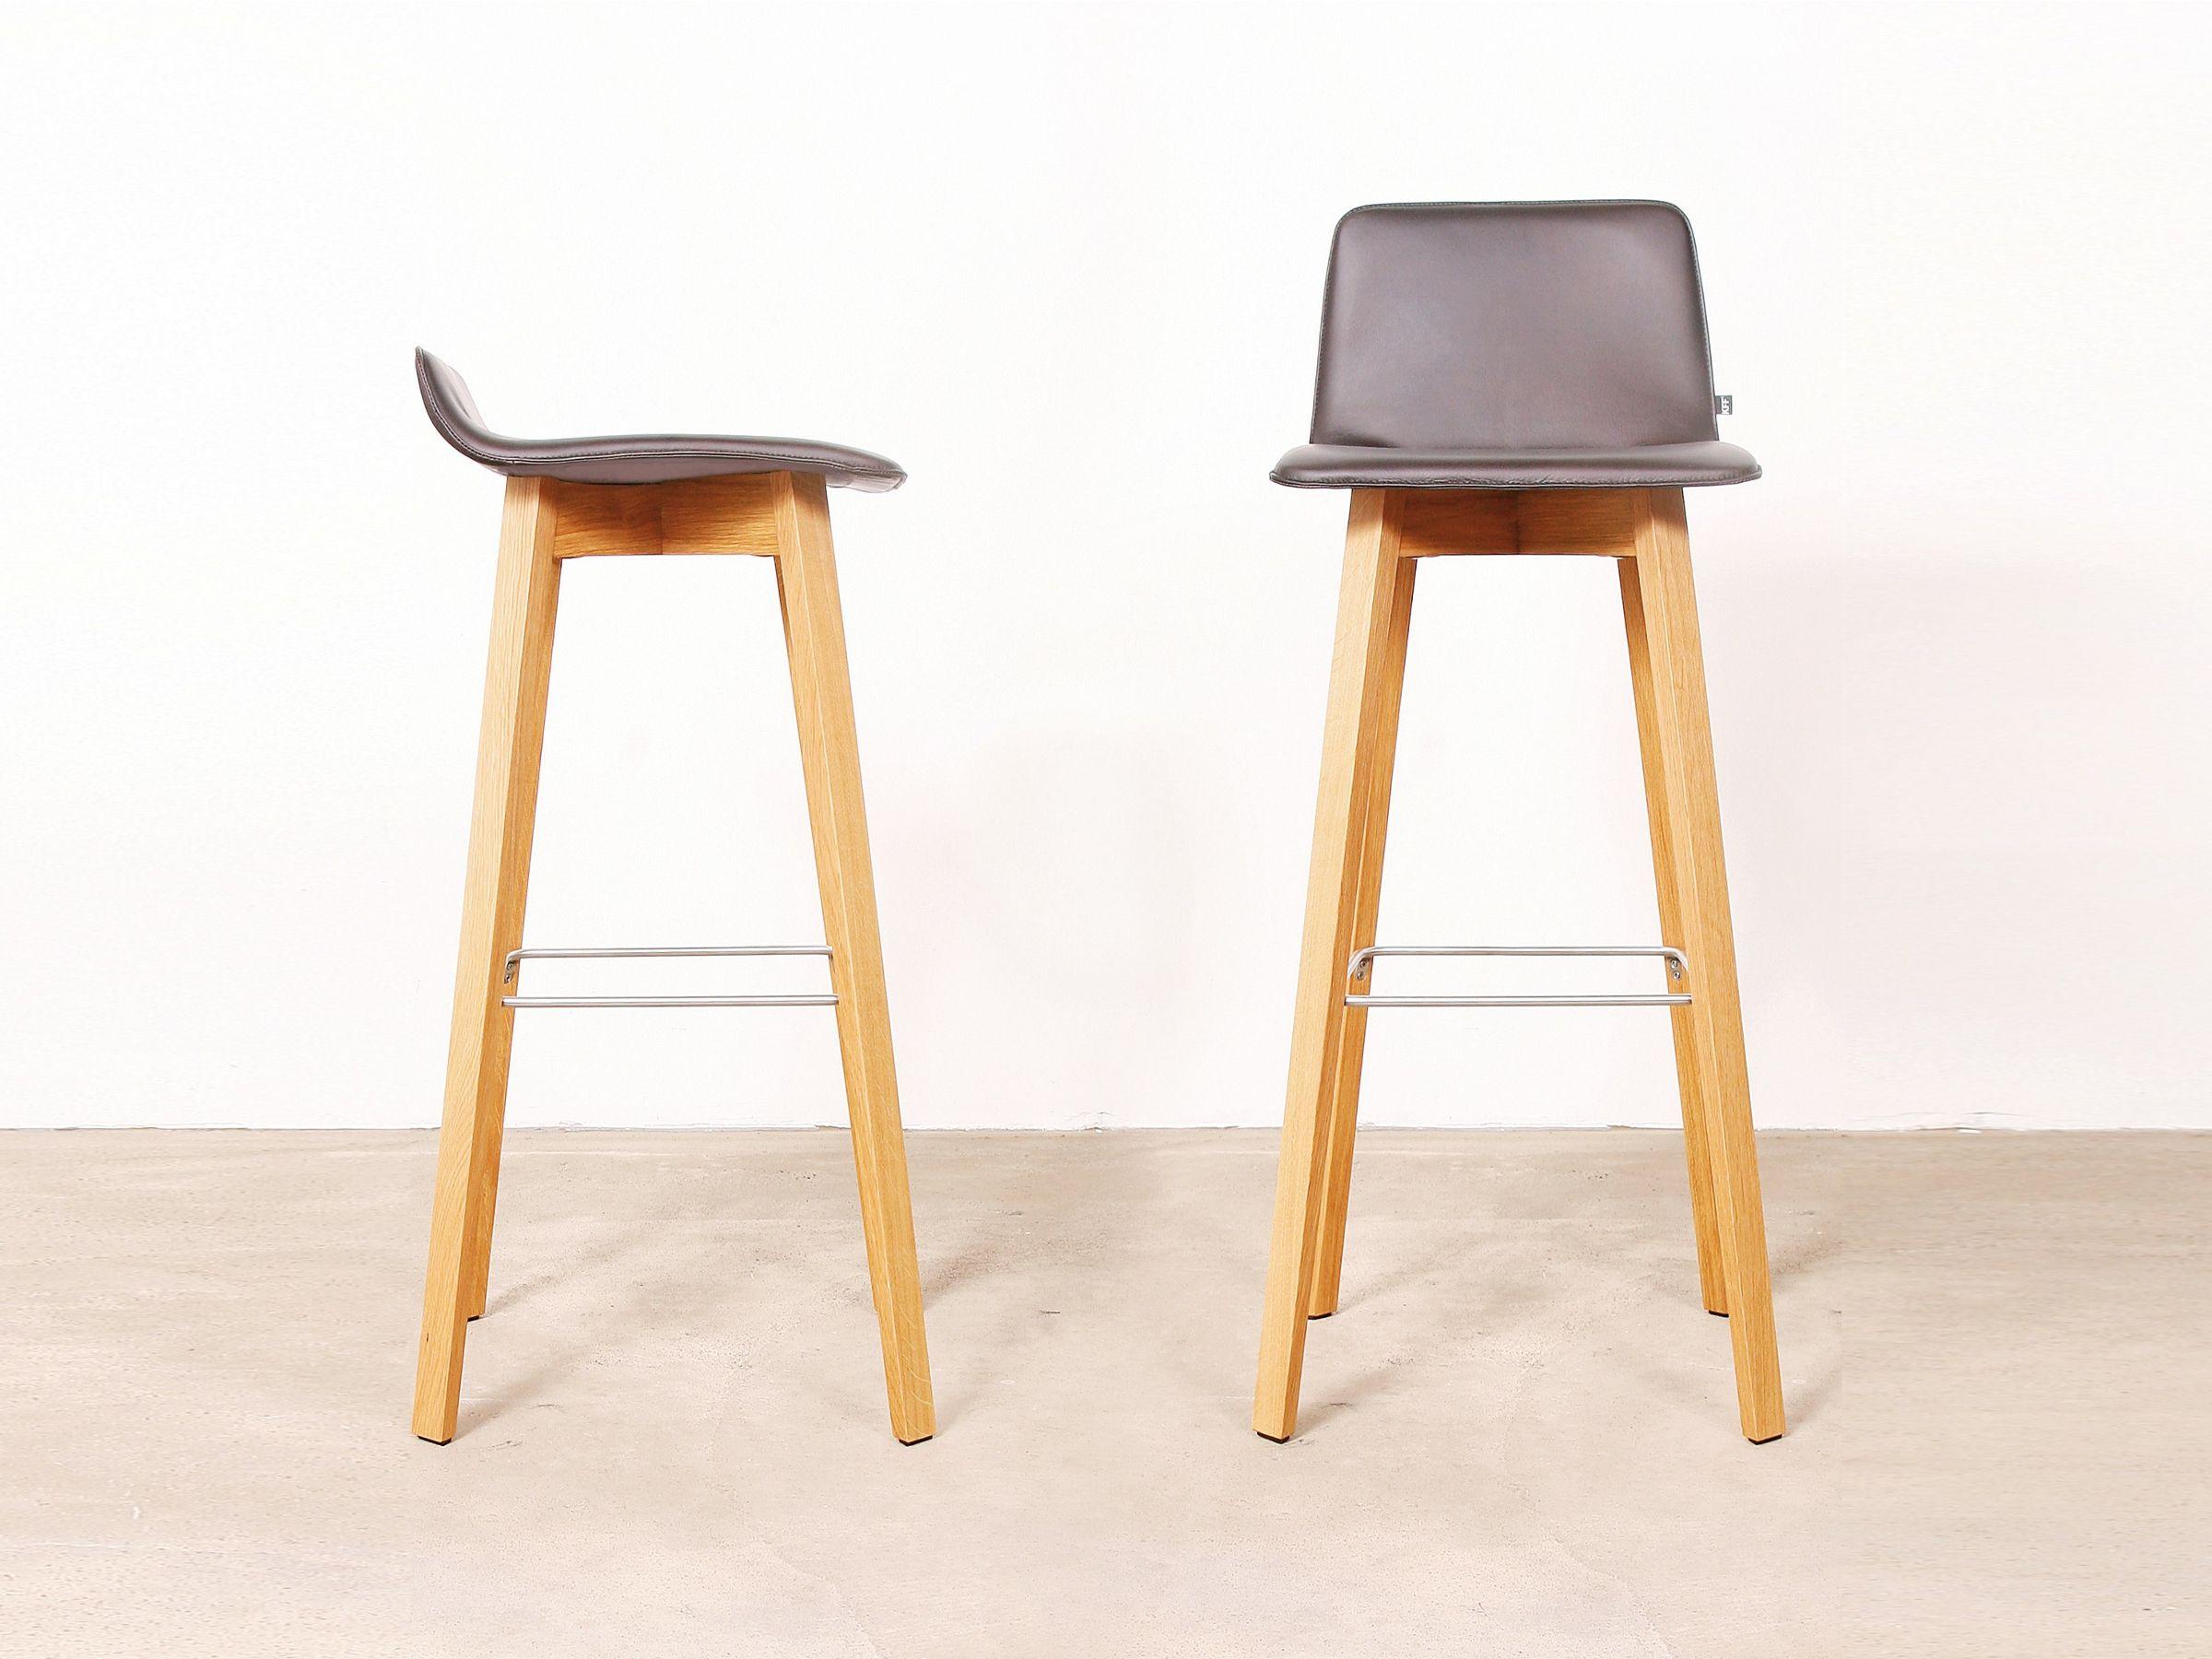 Maverick taburete de cuero by kff dise o birgit hoffmann - Cuero para tapizar sillas ...